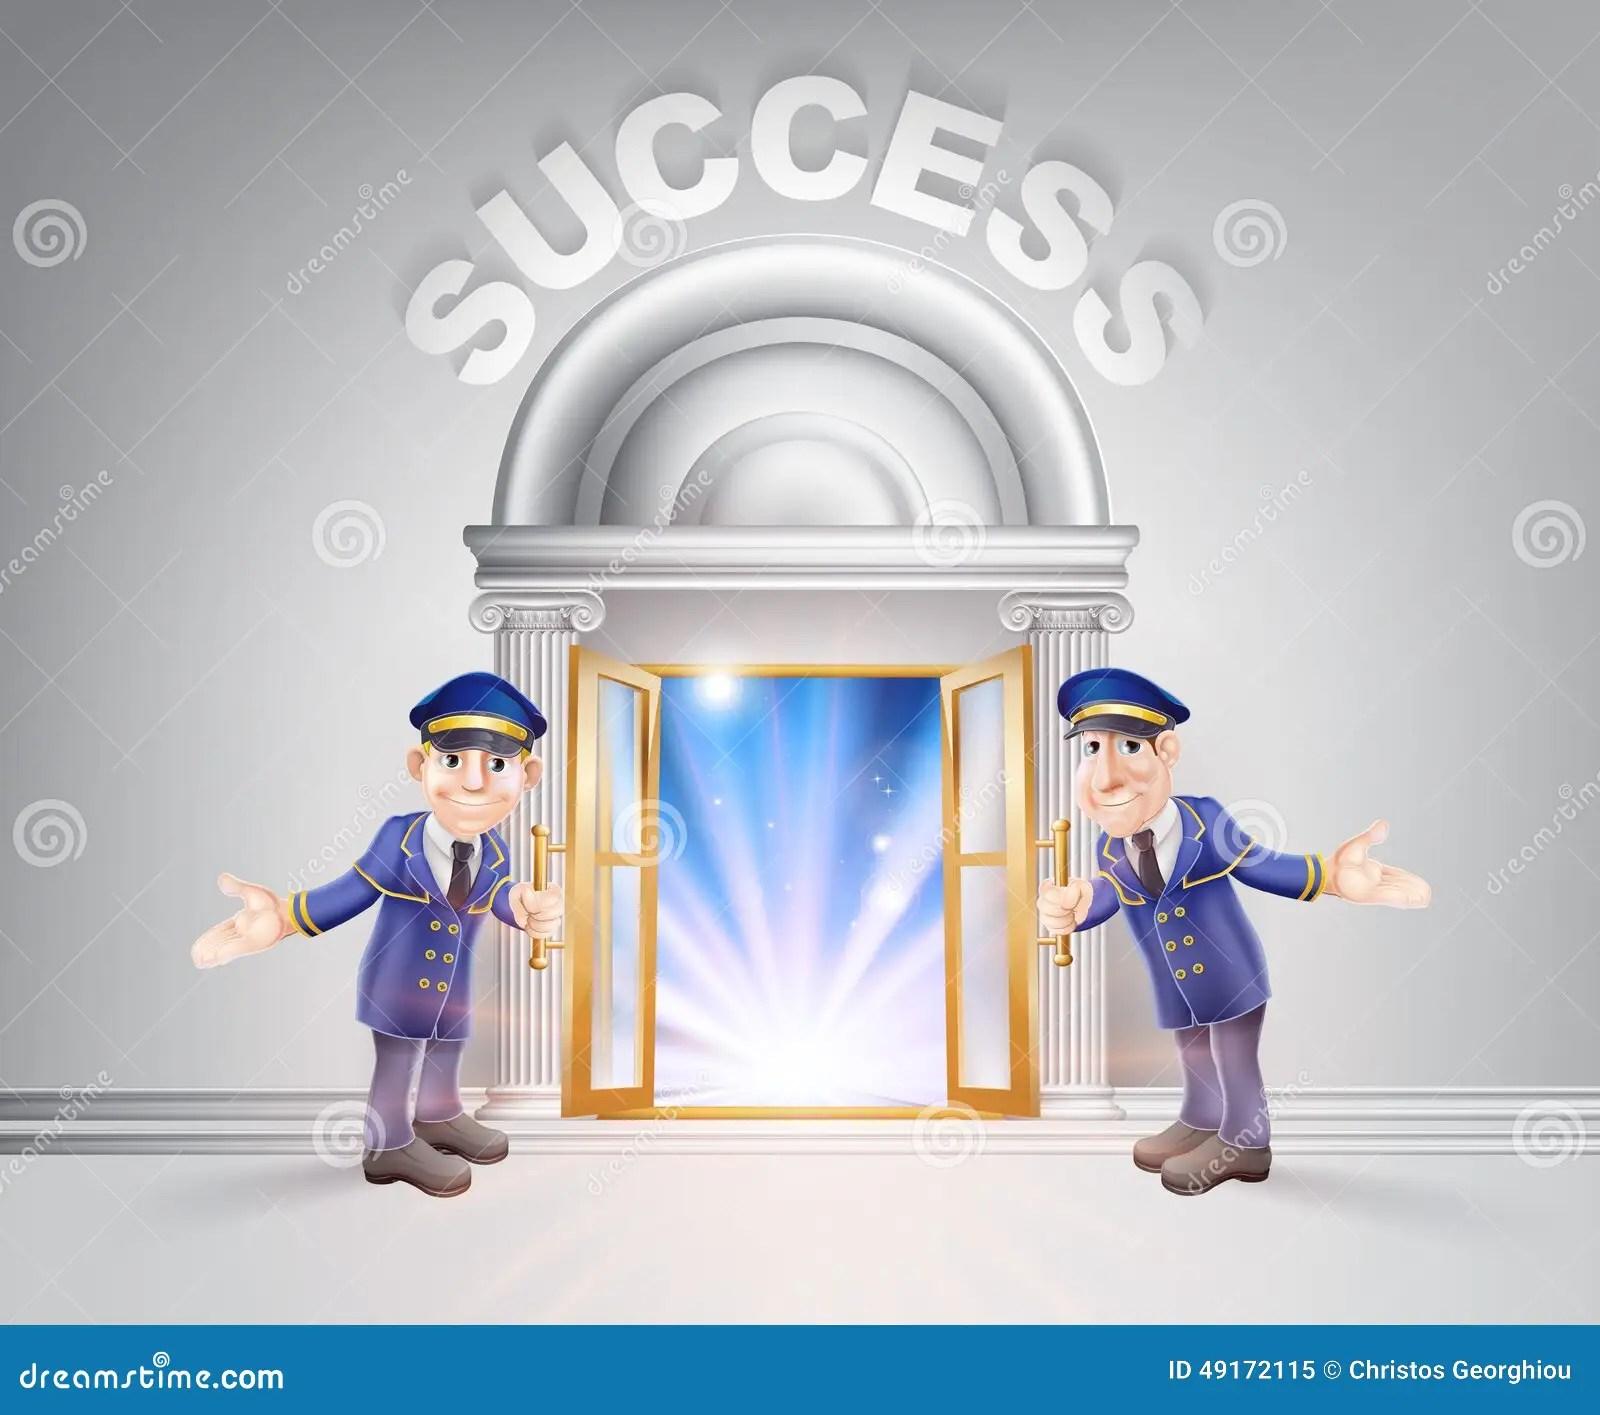 Door To Success And Doormen Stock Vector - Illustration of cartoon. celebrities: 49172115